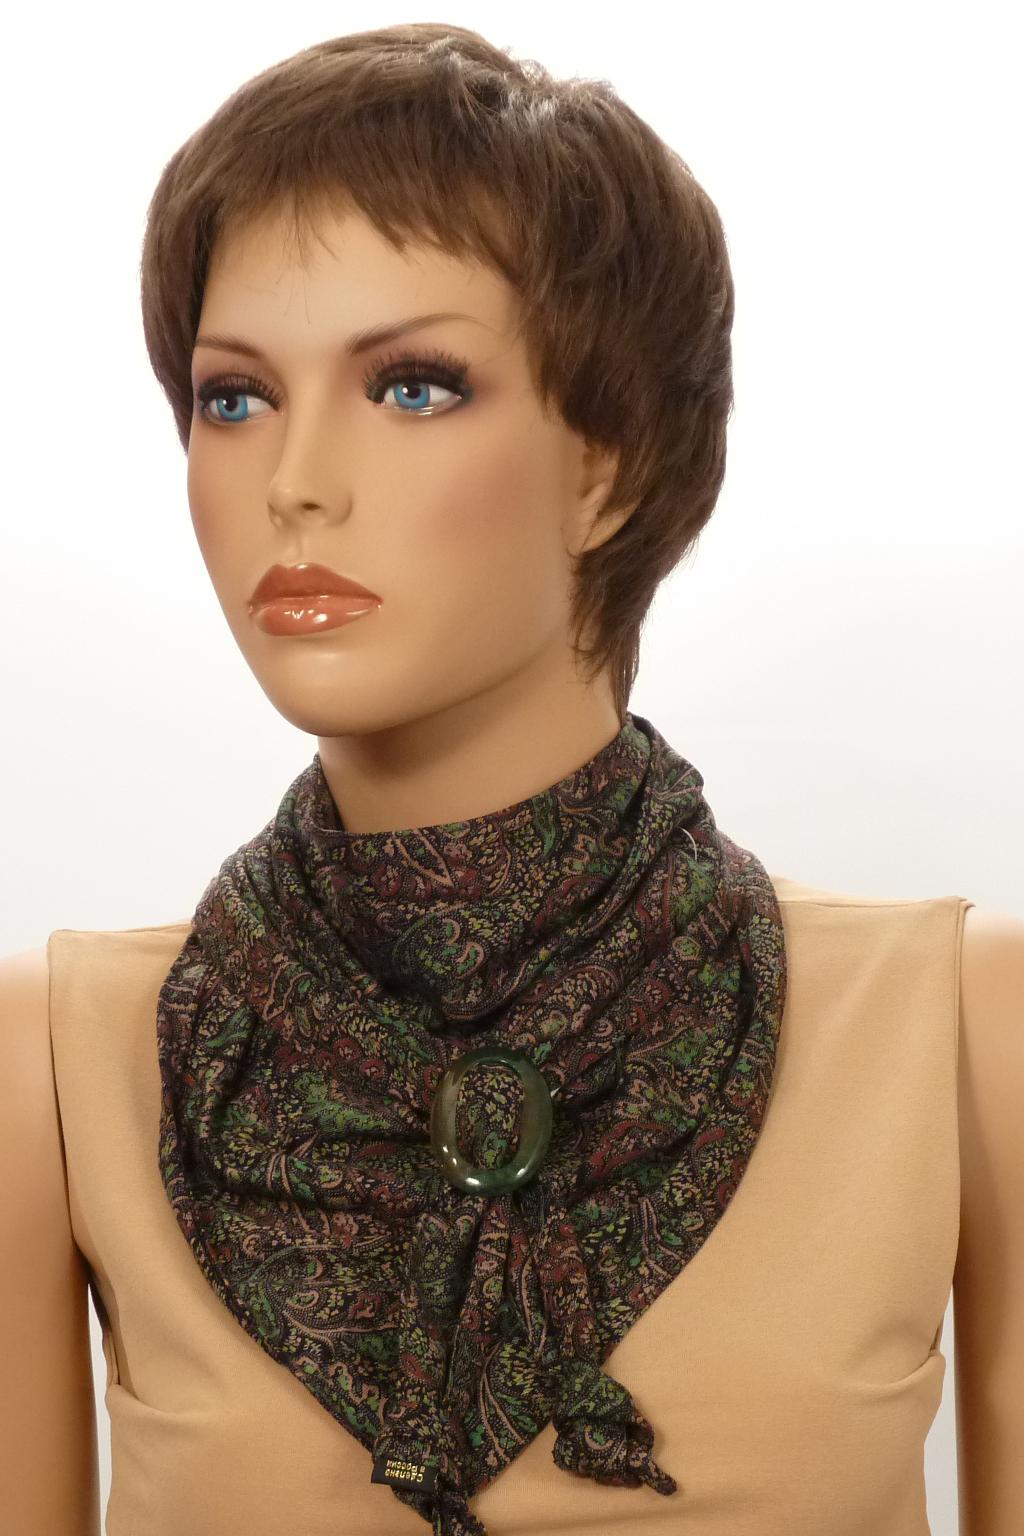 Шарф-бактусШарфы<br>Бактус – это оригинальный шарф, в виде  треугольника. Он является настоящей находкой для любителей стильных и многофункциональных аксессуаров. Бактусы с удовольствием носят женщины и мужчины, не равнодушны к ним и дети. Треугольный шарф гармонично вписывается как в классические, так и спортивные комплекты одежды.   Однозначно, бактус-практичный и универсальный аксессуар, он прикроет шею от прохладных ветерков весной, а летом защитит кожу от прямых солнечных лучей. Шарф без аксессуара.  Размер 35*150 см.  В изделии использованы цвета: коричневый, зеленый и др.<br><br>По сезону: Всесезон<br>Размер : UNI<br>Материал: Трикотаж<br>Количество в наличии: 2